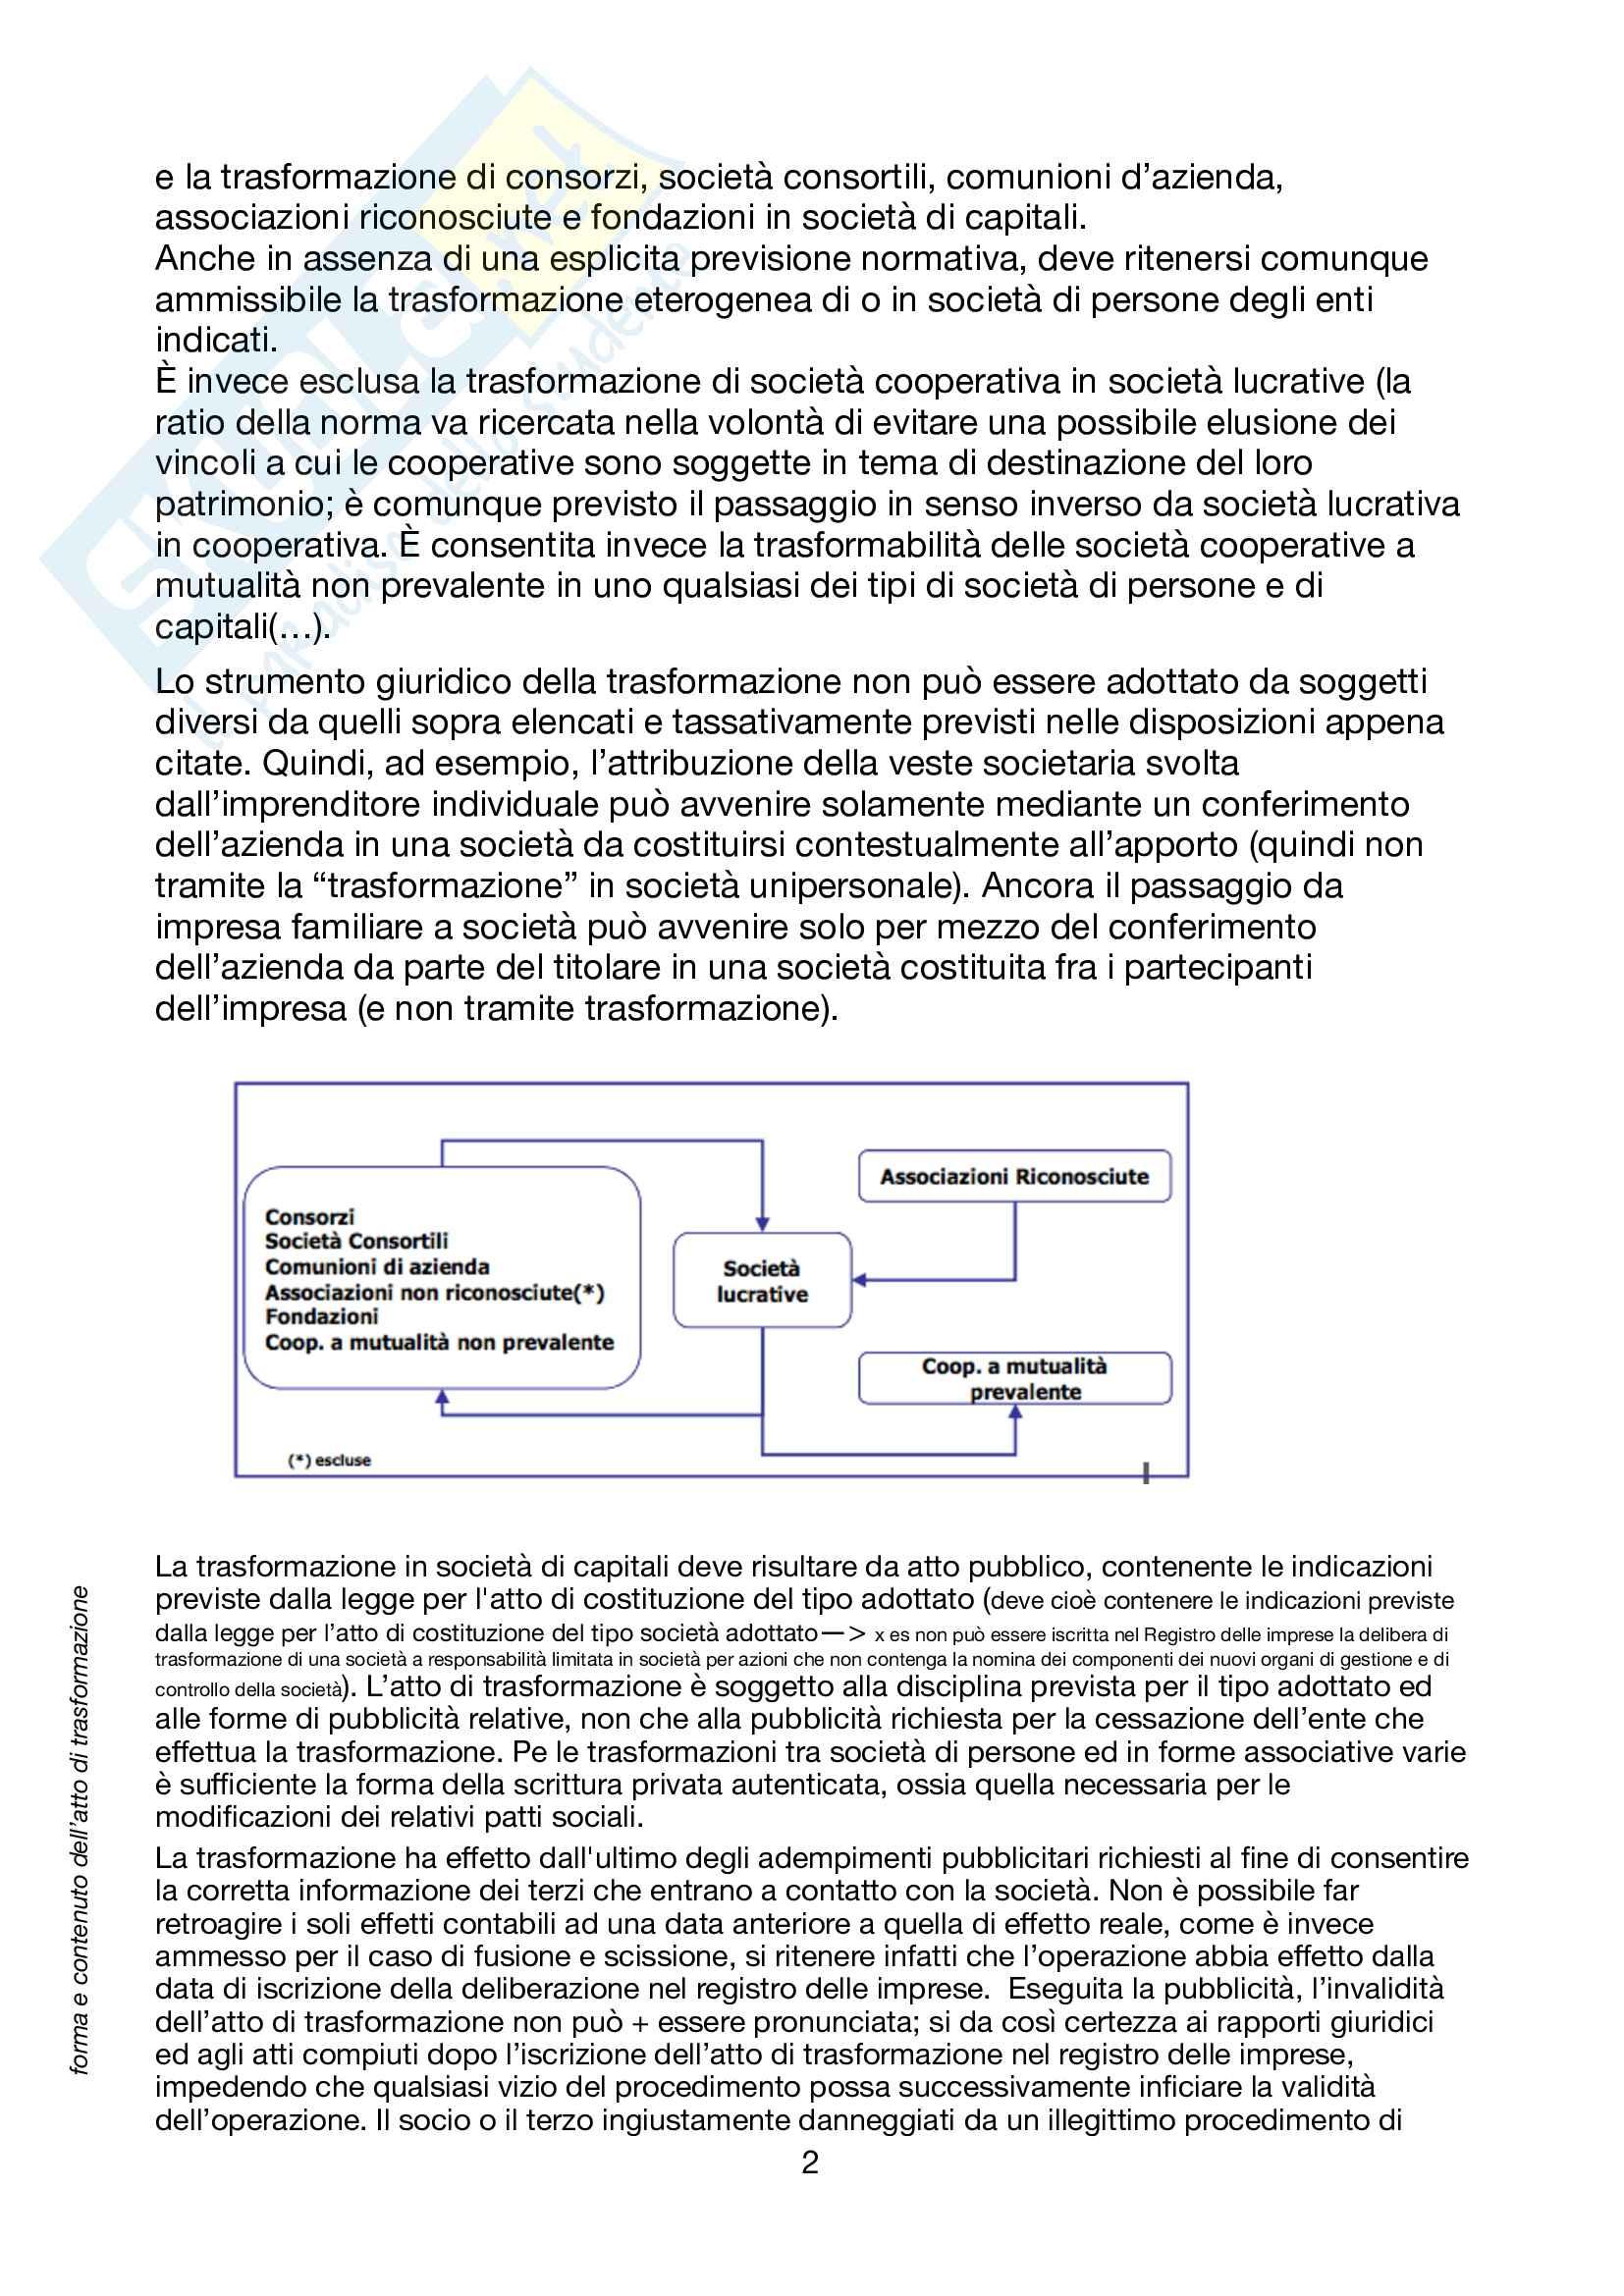 Riassunto esame di Operazioni di Gestione Straordinaria, prof Savioli, libro consigliato Le operazioni di gestione straordinaria, Savioli Pag. 2